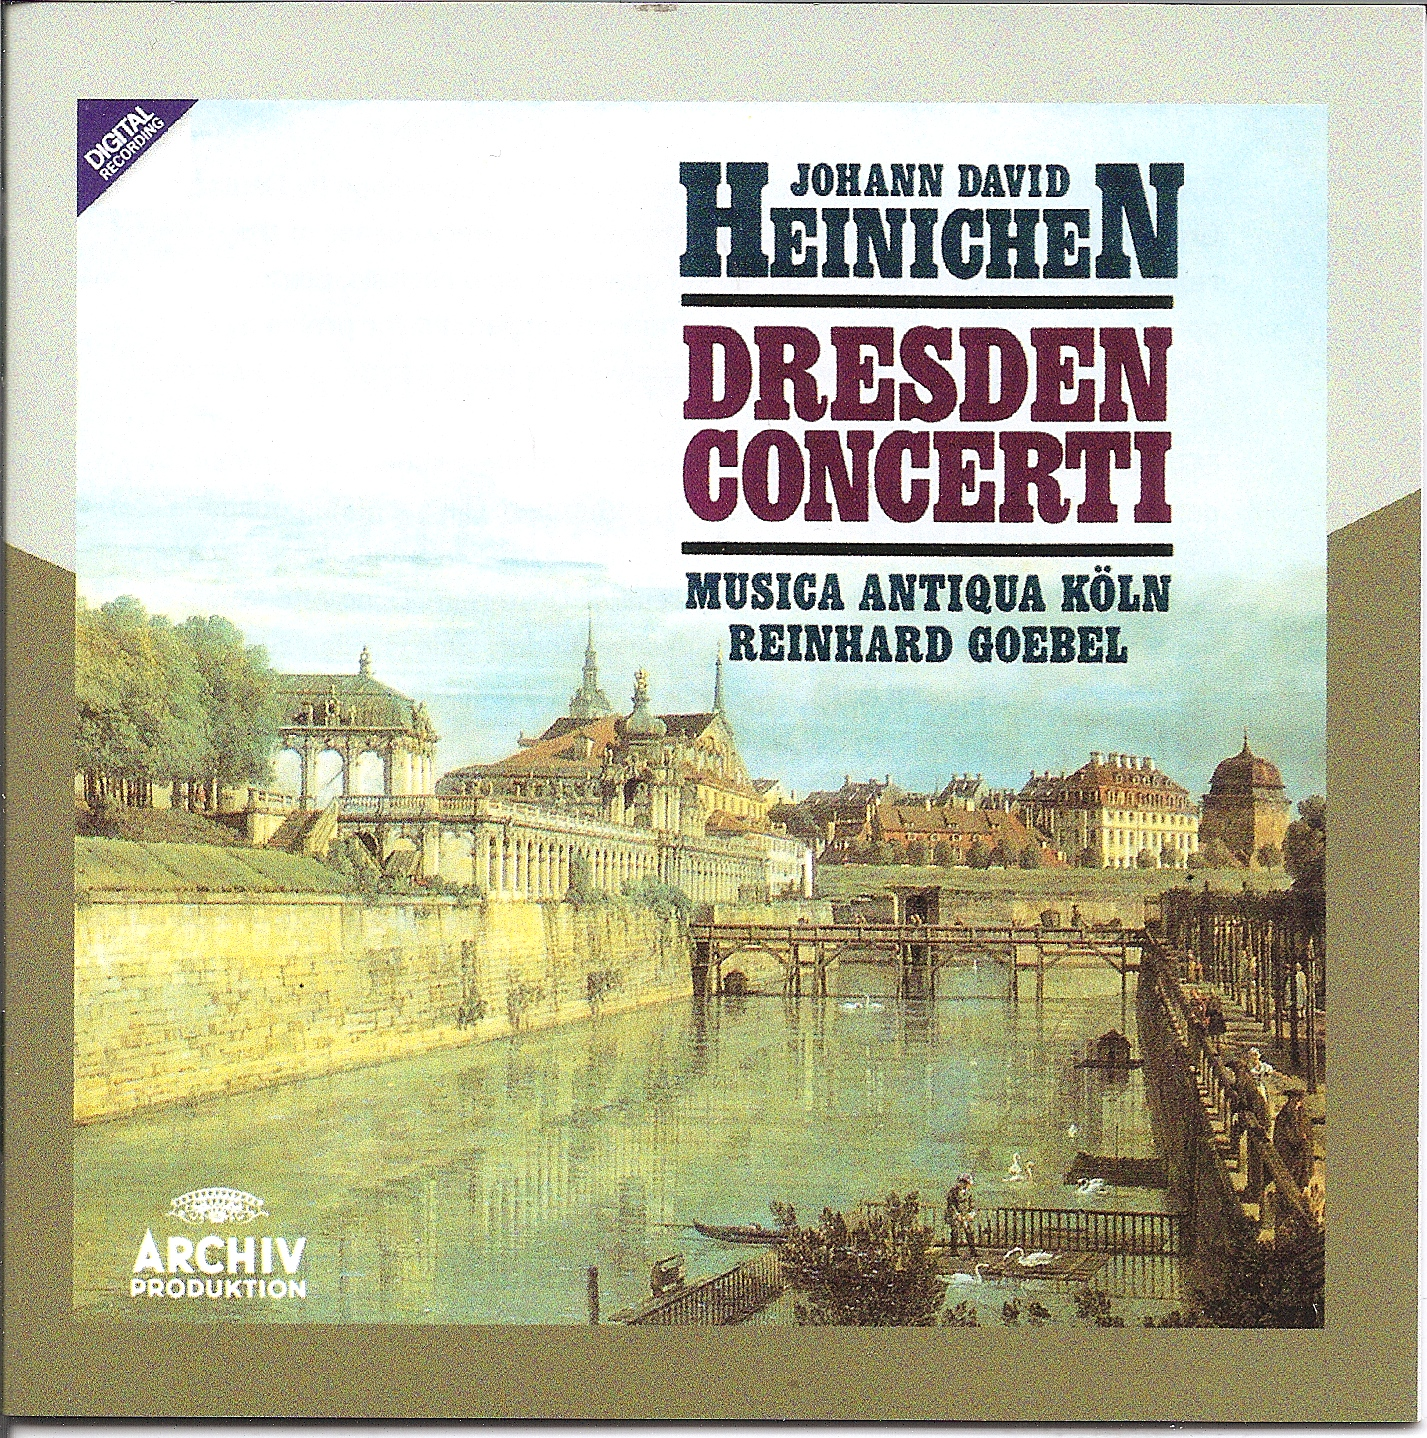 Johann David Heinichen - Reinhard Goebel - Dresden Concerti